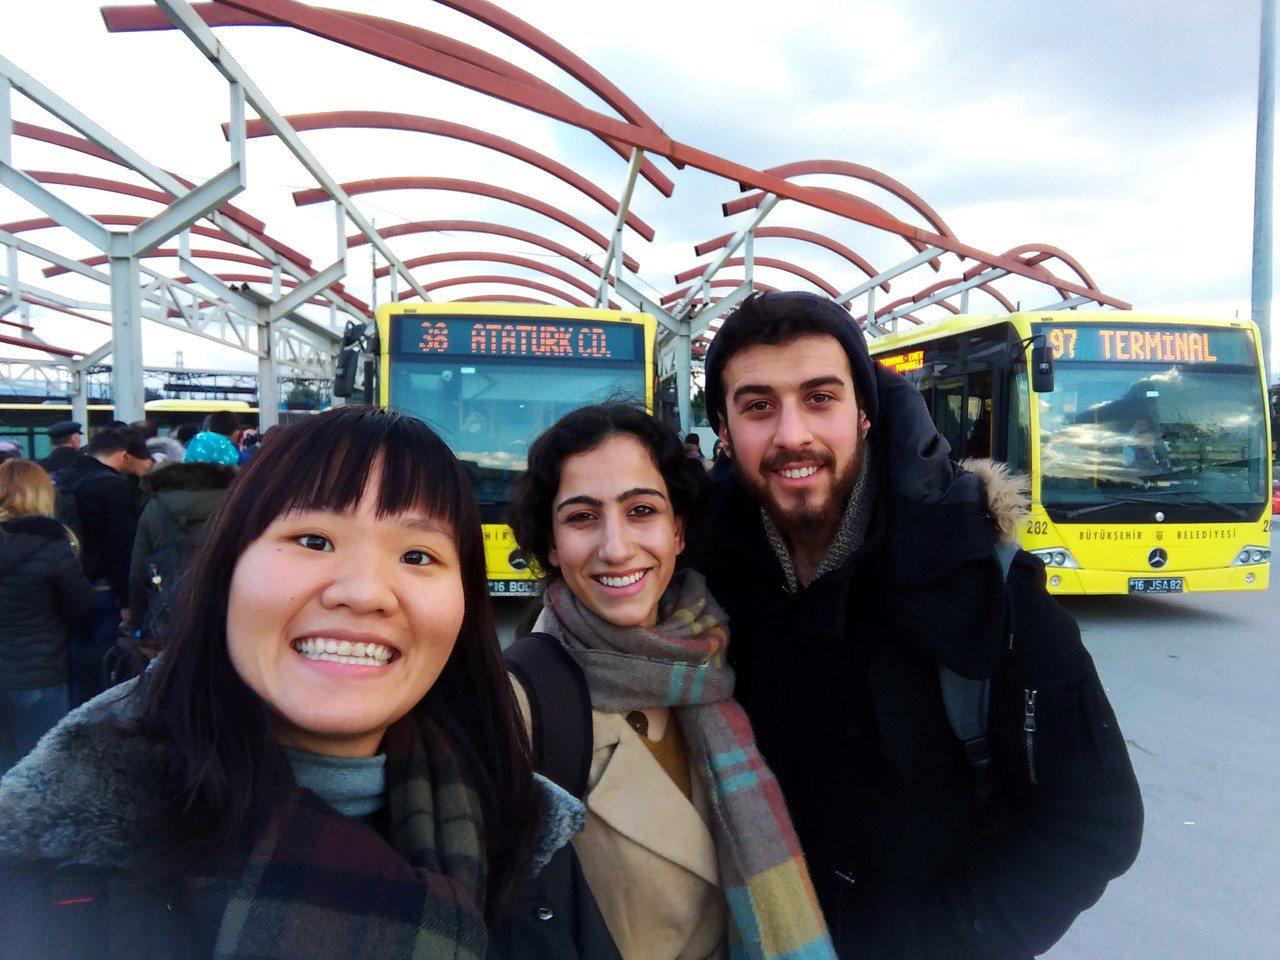 北藝大美術系學生林子渝(左),寒假期間赴土耳其體驗當地的藝術、文化。圖/教育部提...